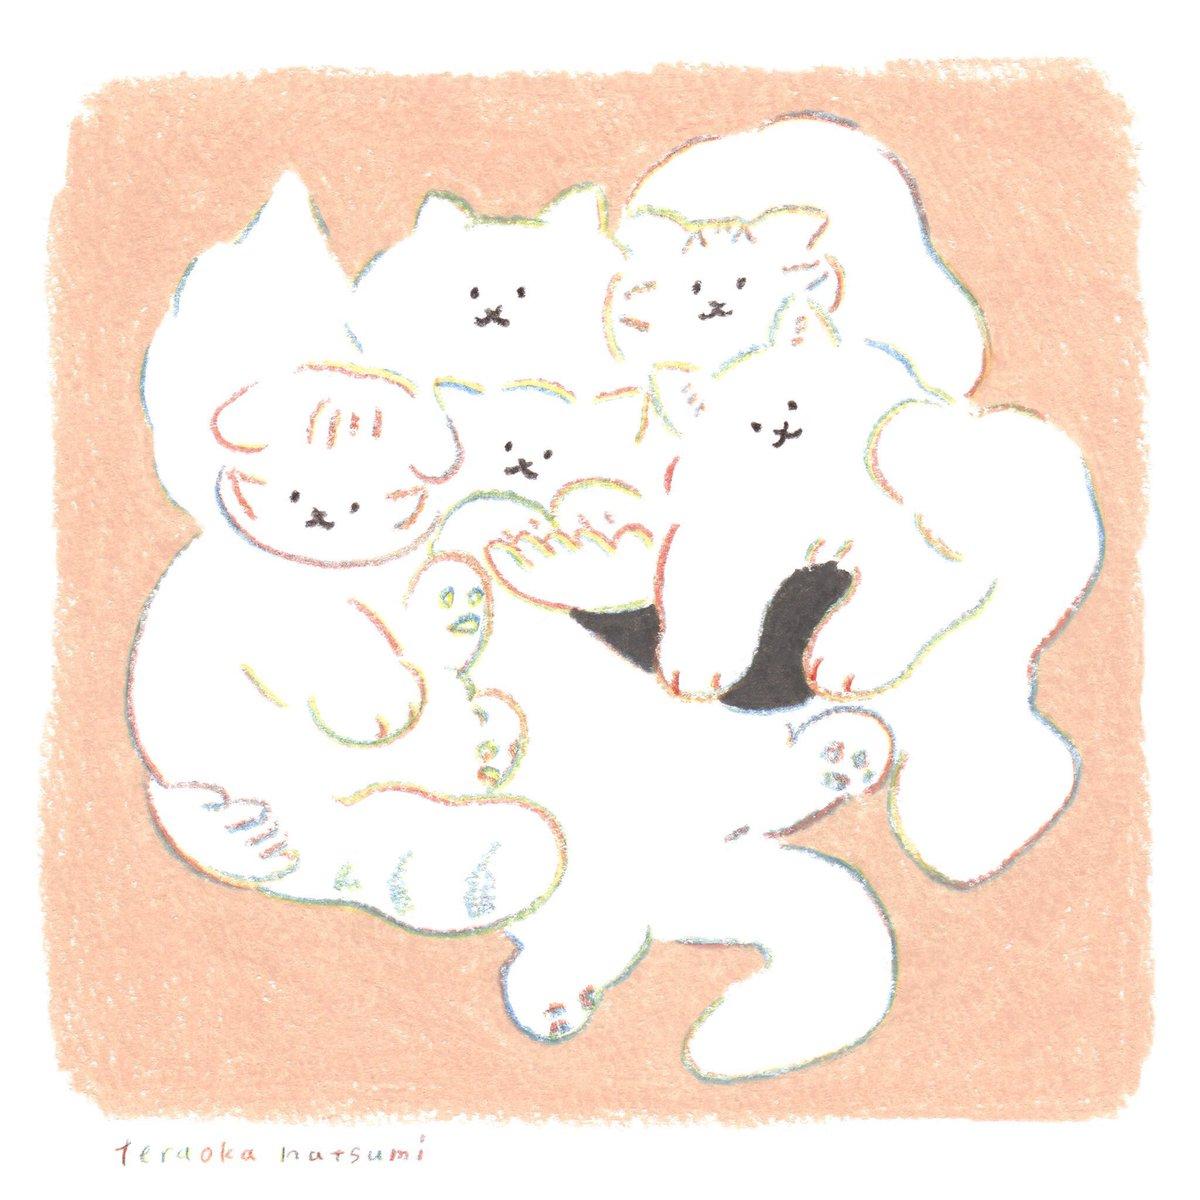 🐈お知らせ🐈 生地から作り、プリントにこだわる創業80年の老舗インナーメーカー あずやさんとTシャツを作りました。 着ごこちにこだわった 優しい肌触りのTシャツです。  ▽通販がはじまりました🐈🎐 ぎゅっと猫Tシャツ https://www.as-ya.jp/fs/asya/hitoeni/gn-8606-35-10… テーブルと猫Tシャツ https://www.as-ya.jp/fs/asya/hitoeni/tn-8606-35-10…